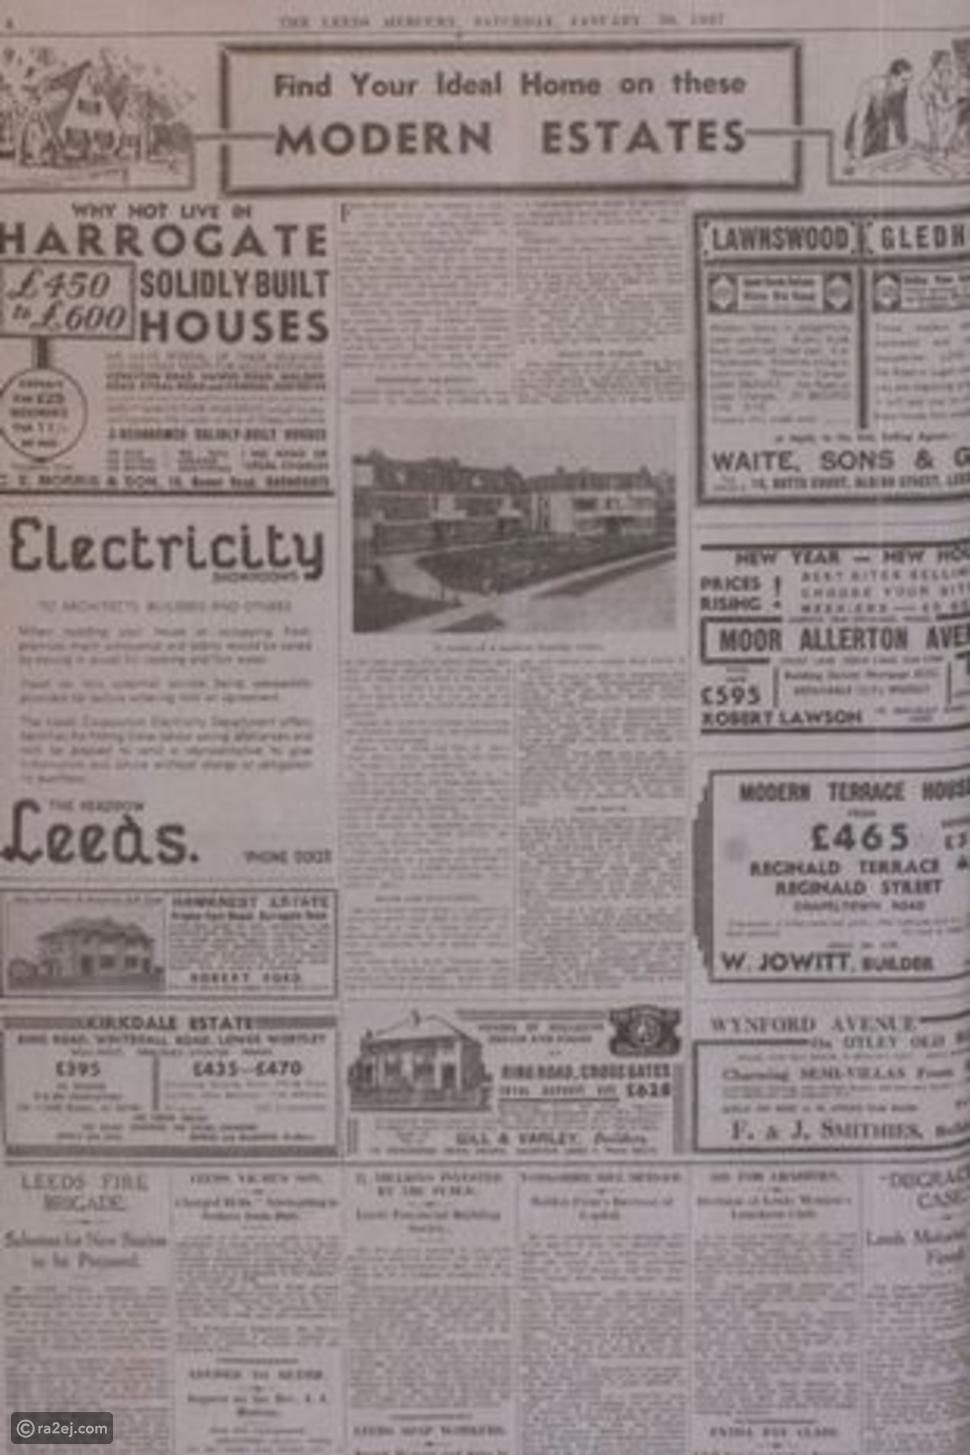 امرأة تعثر على إعلان بيع لمنزلها في صحيفة تبلغ من العمر 84 عامًا